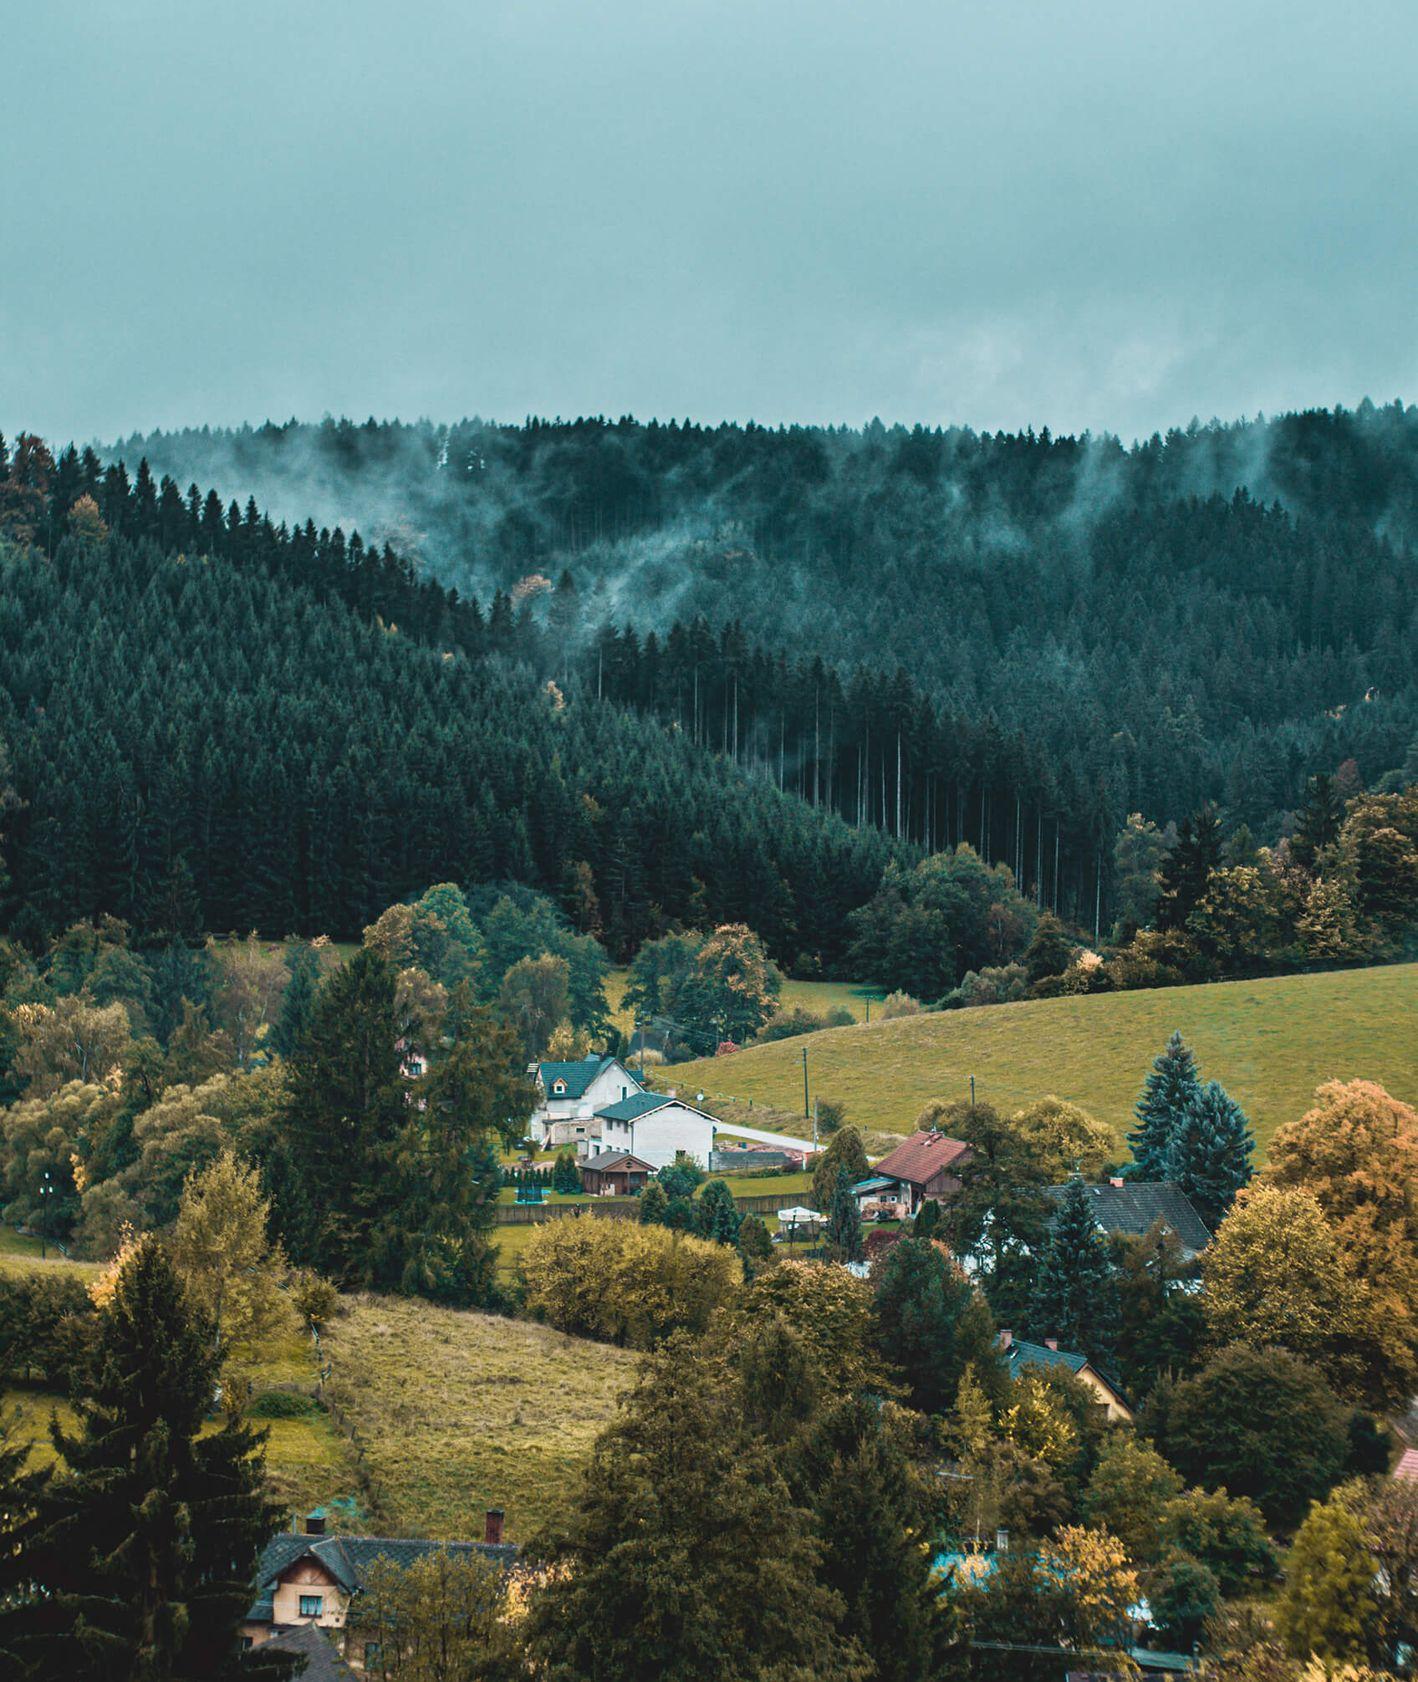 Wioska w Czechach, dookoła las, mgła (fot. Michael Mraz / unsplash.com)